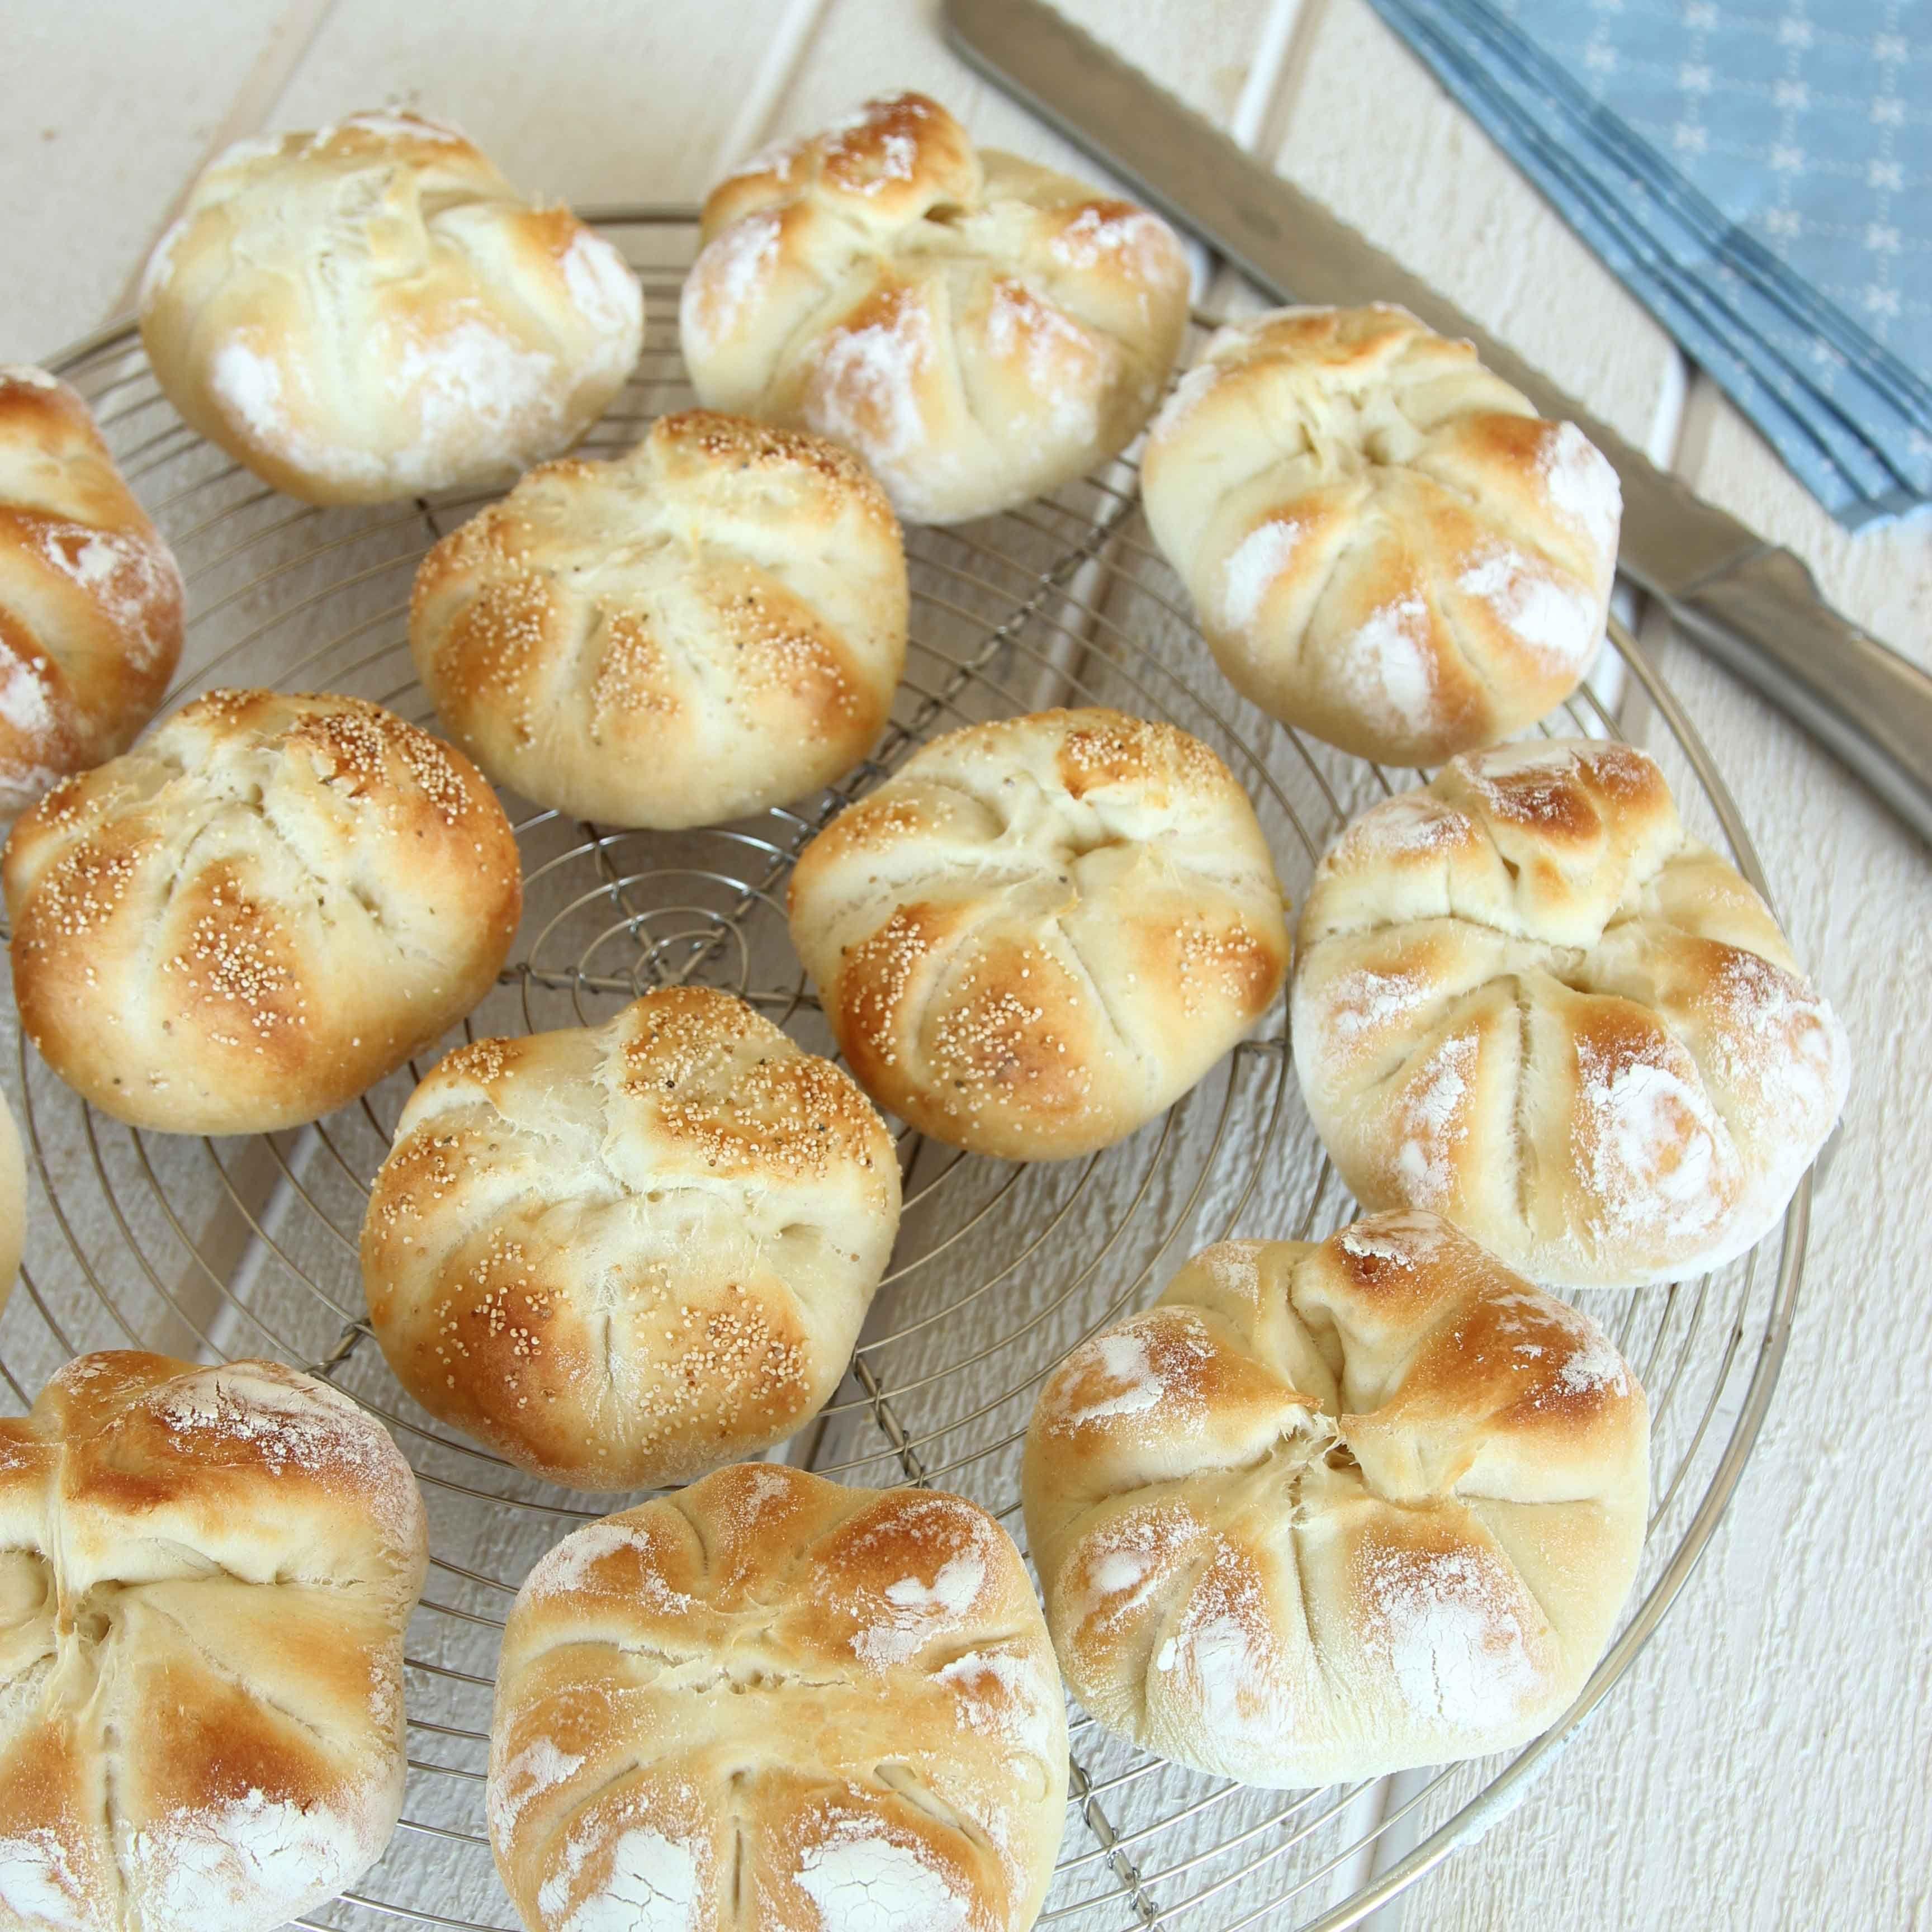 Små, vikta portionsbröd som är lyxiga att servera till festliga maträtter, på en buffé eller till frukost.